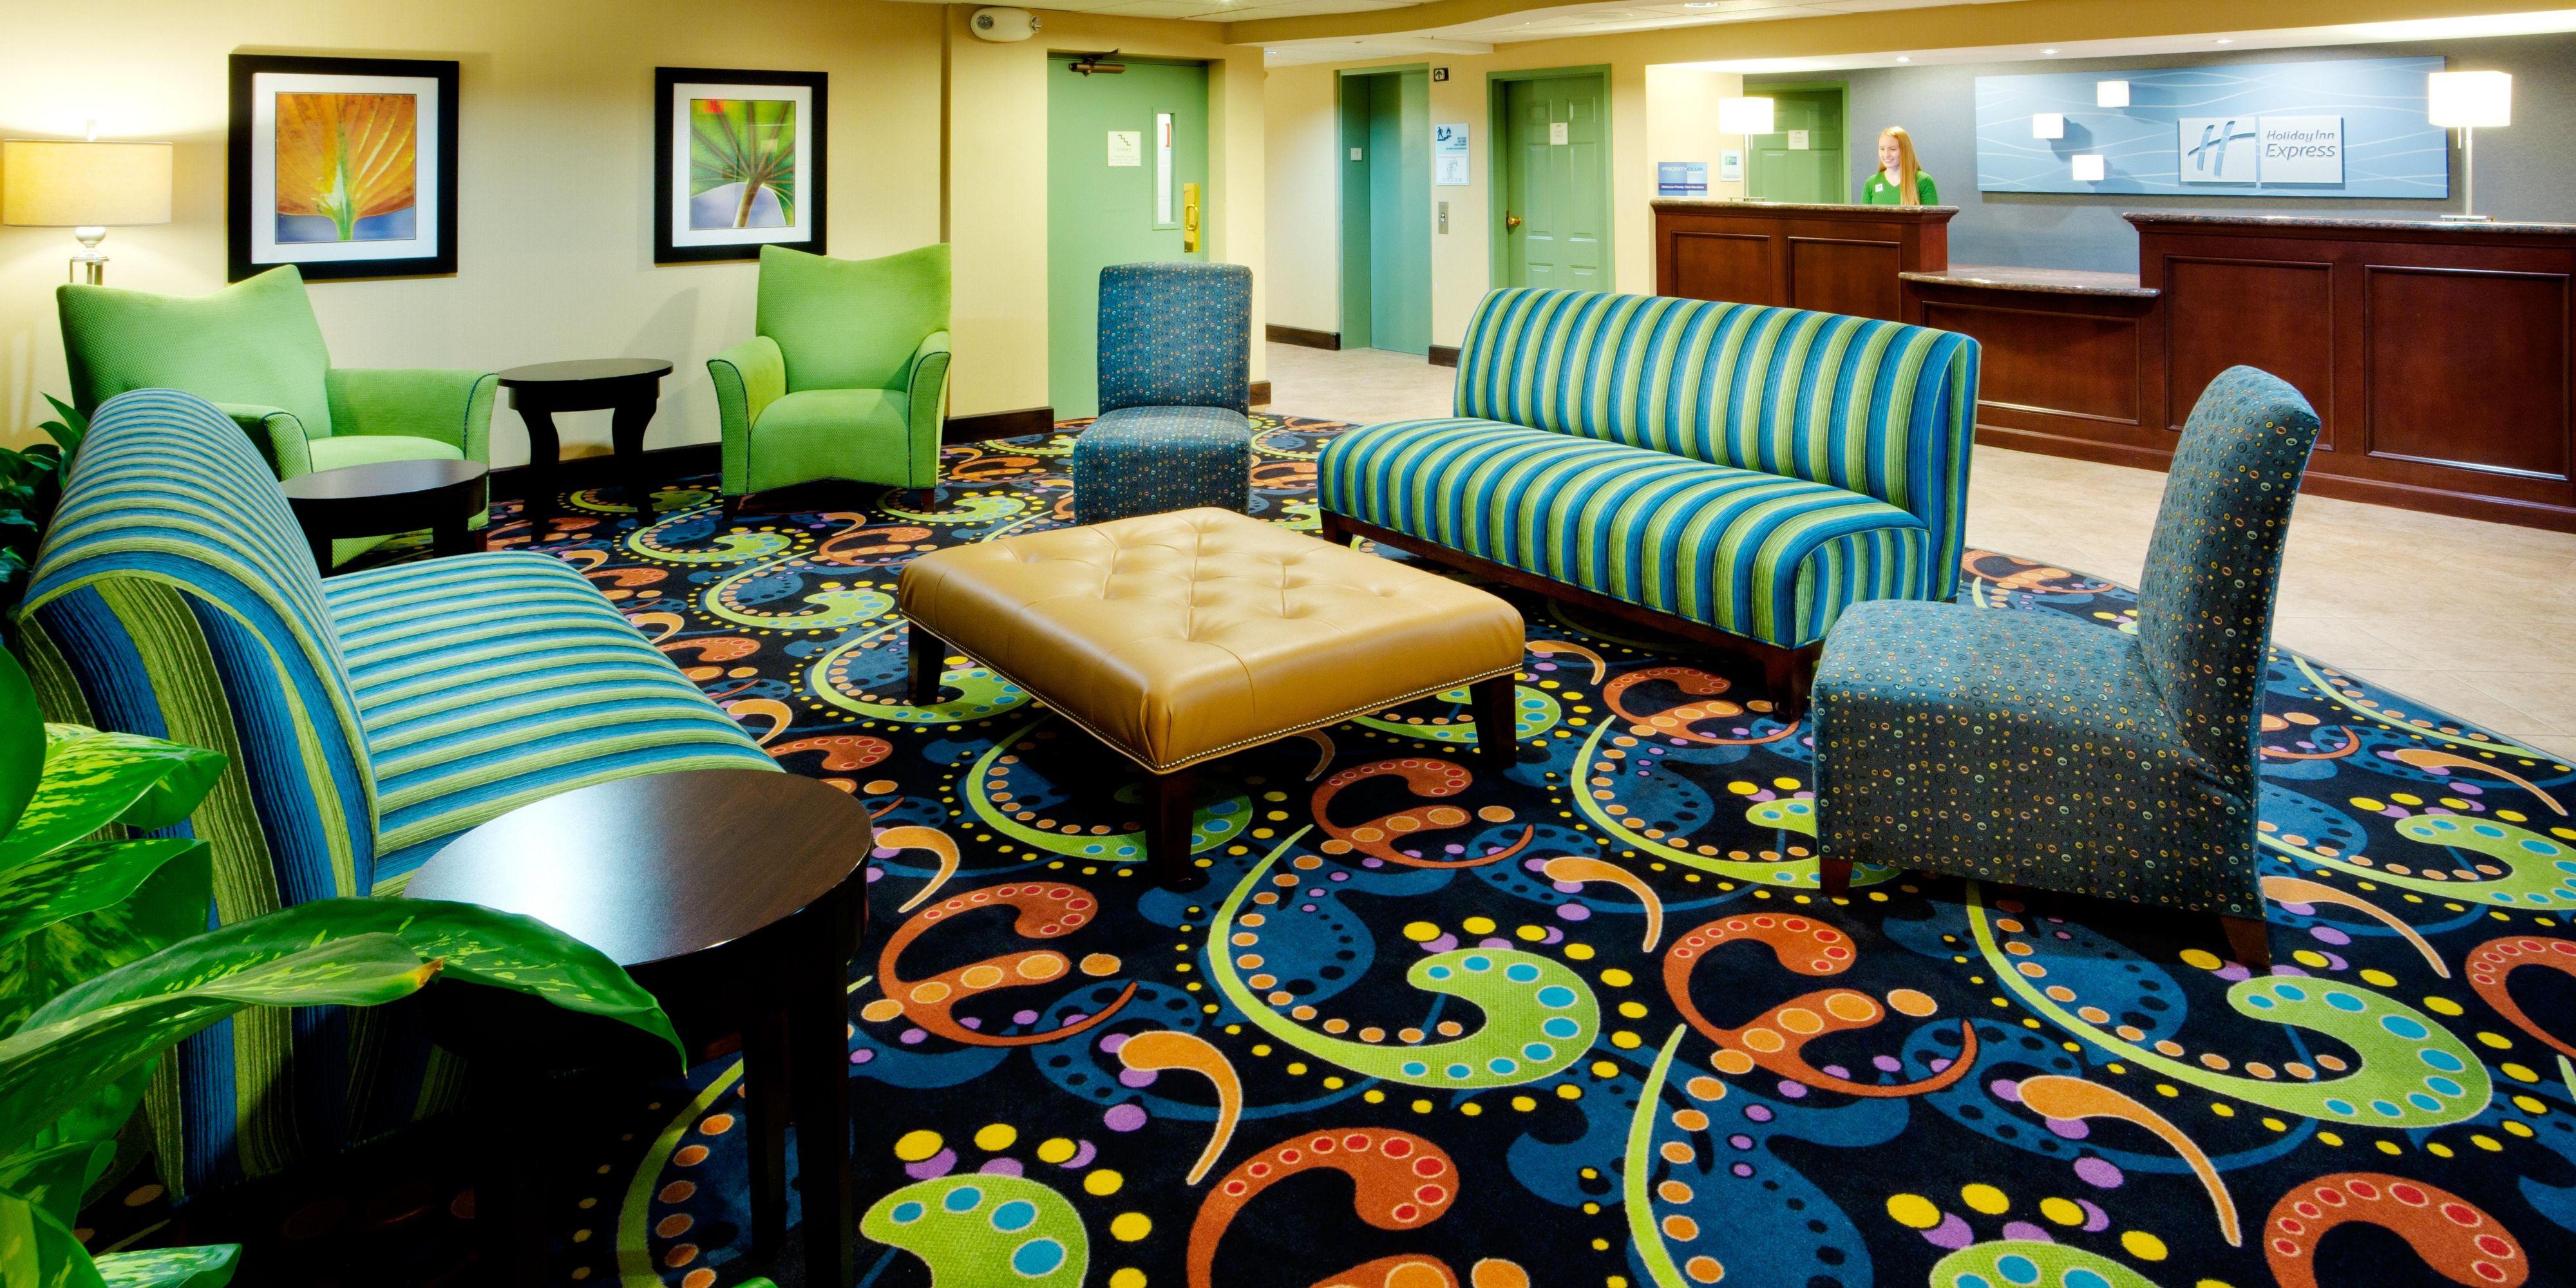 Holiday Inn Express Owego Hotel by IHG